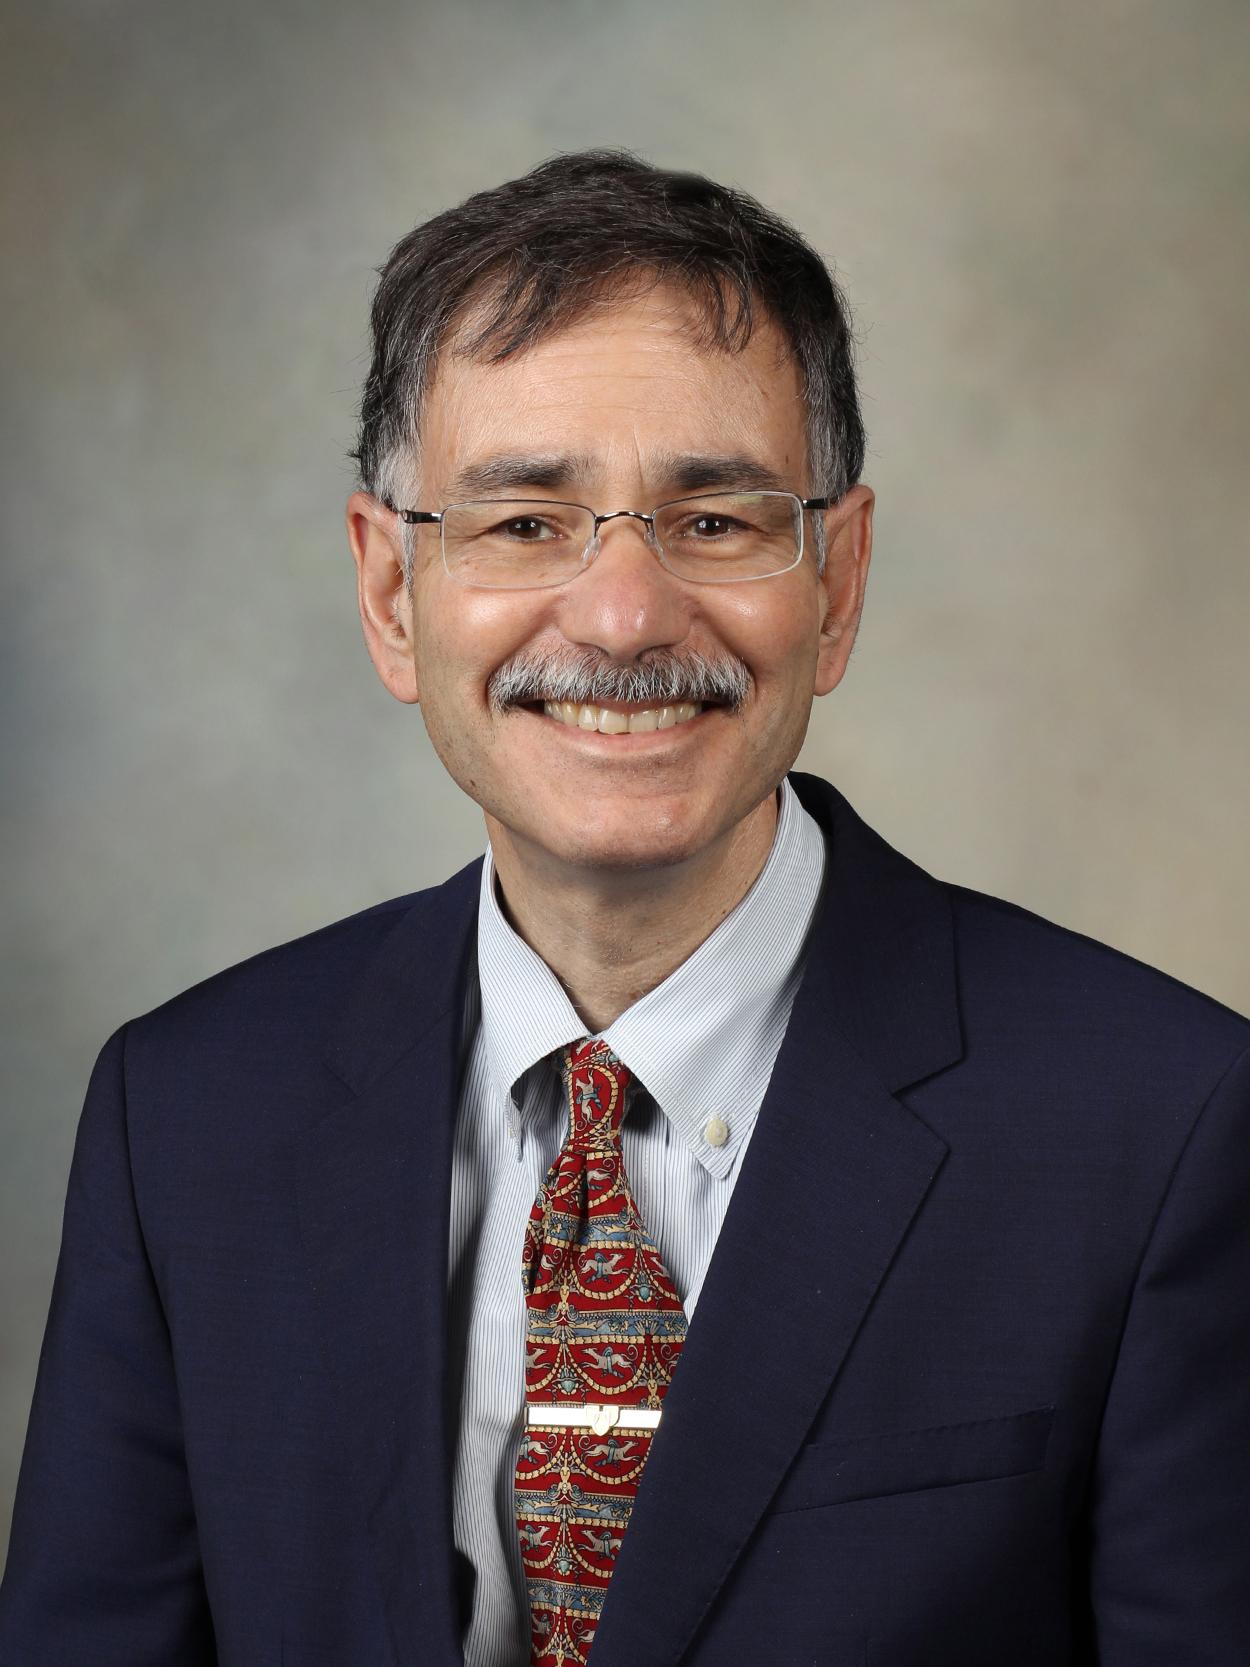 Dennis T. Costakos, M.D.